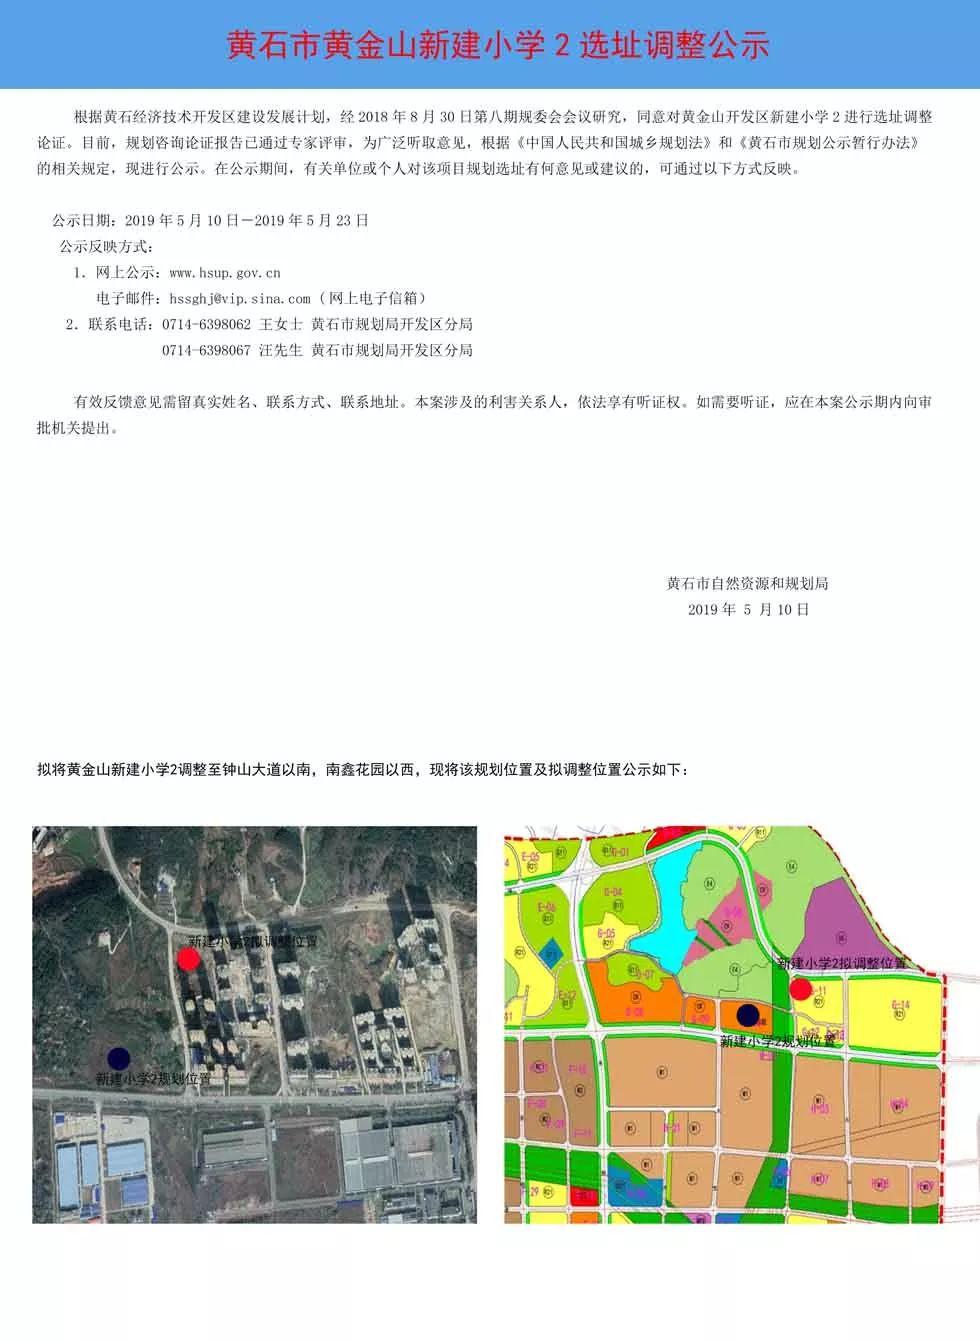 <b>【头条】黄石一新建小学的选址有变了!黄石两高校专升本计划招生1280人!</b>